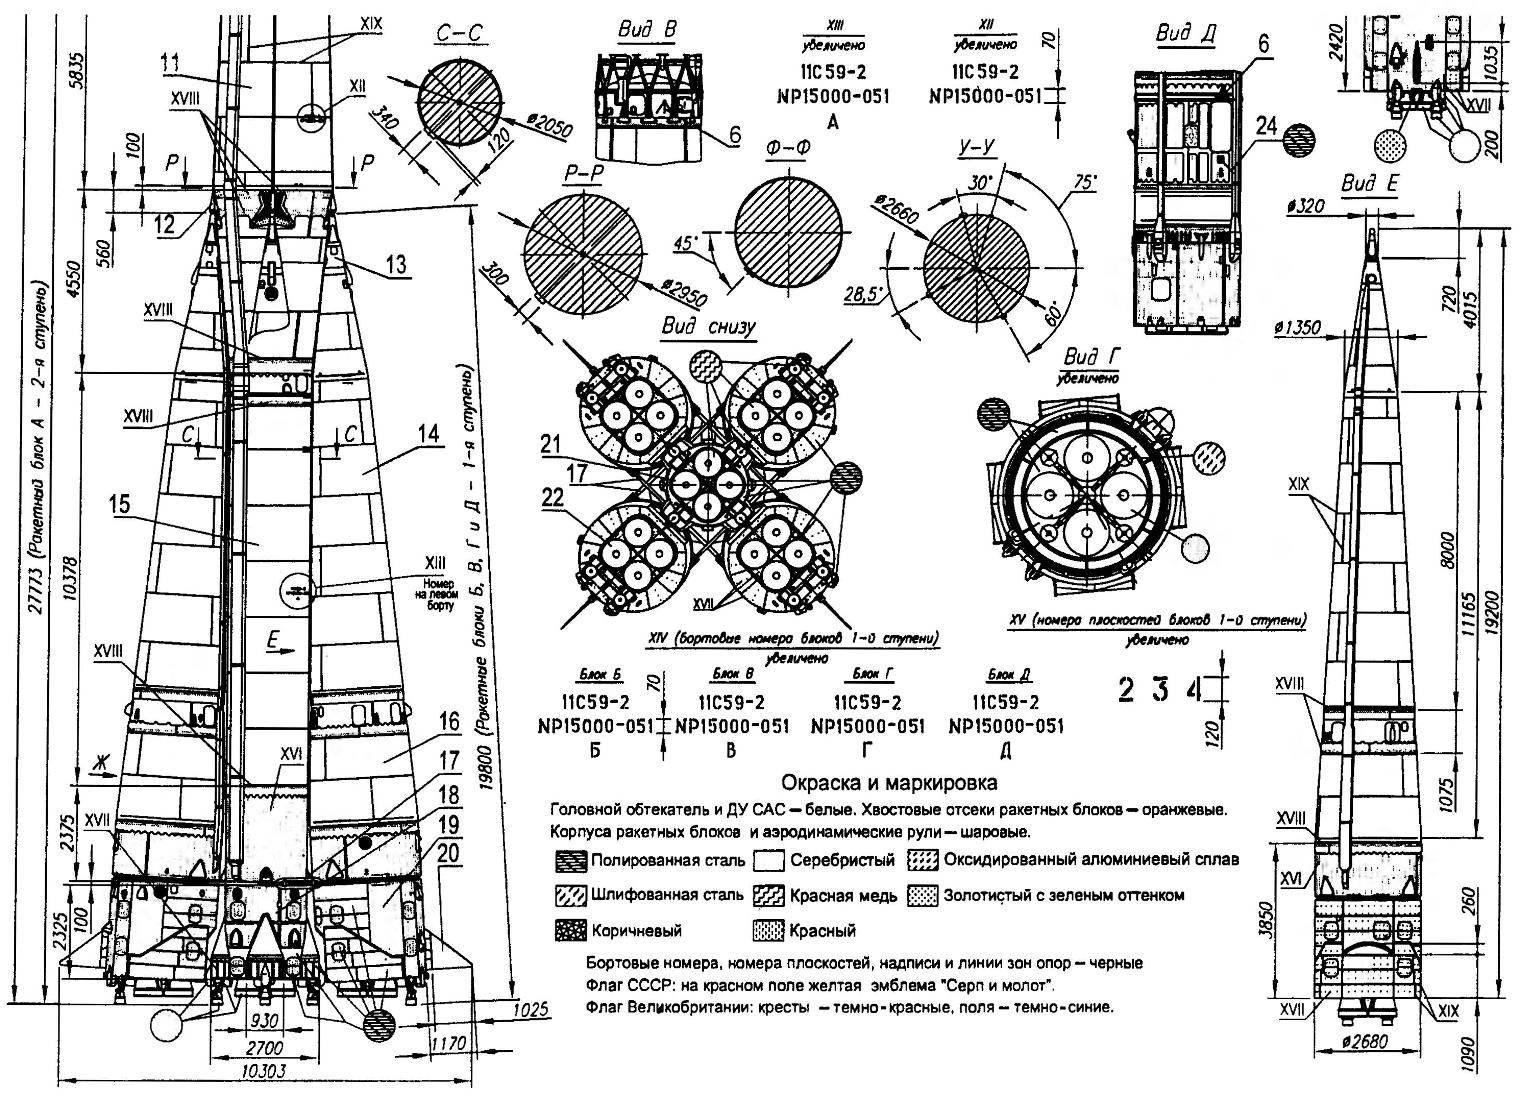 Окраска и маркировка Головной обтекатель и ДУ САС — белые. Хвостовые отсеки ракетных блоков — оранжевые. Корпуса ракетных блоков и аэродинамические рули — шаровые.